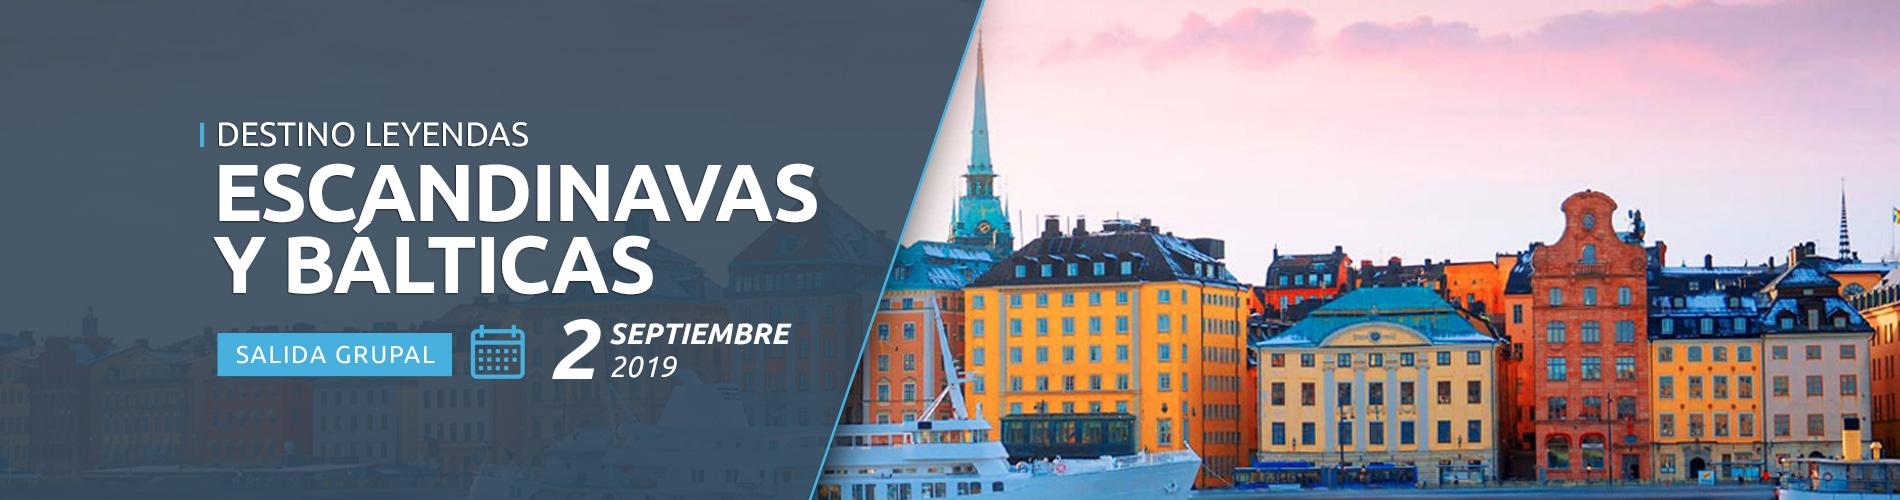 Salida Grupal 02 de septiembre de 2019 - Destino Leyendas Escandinavas y Báltica